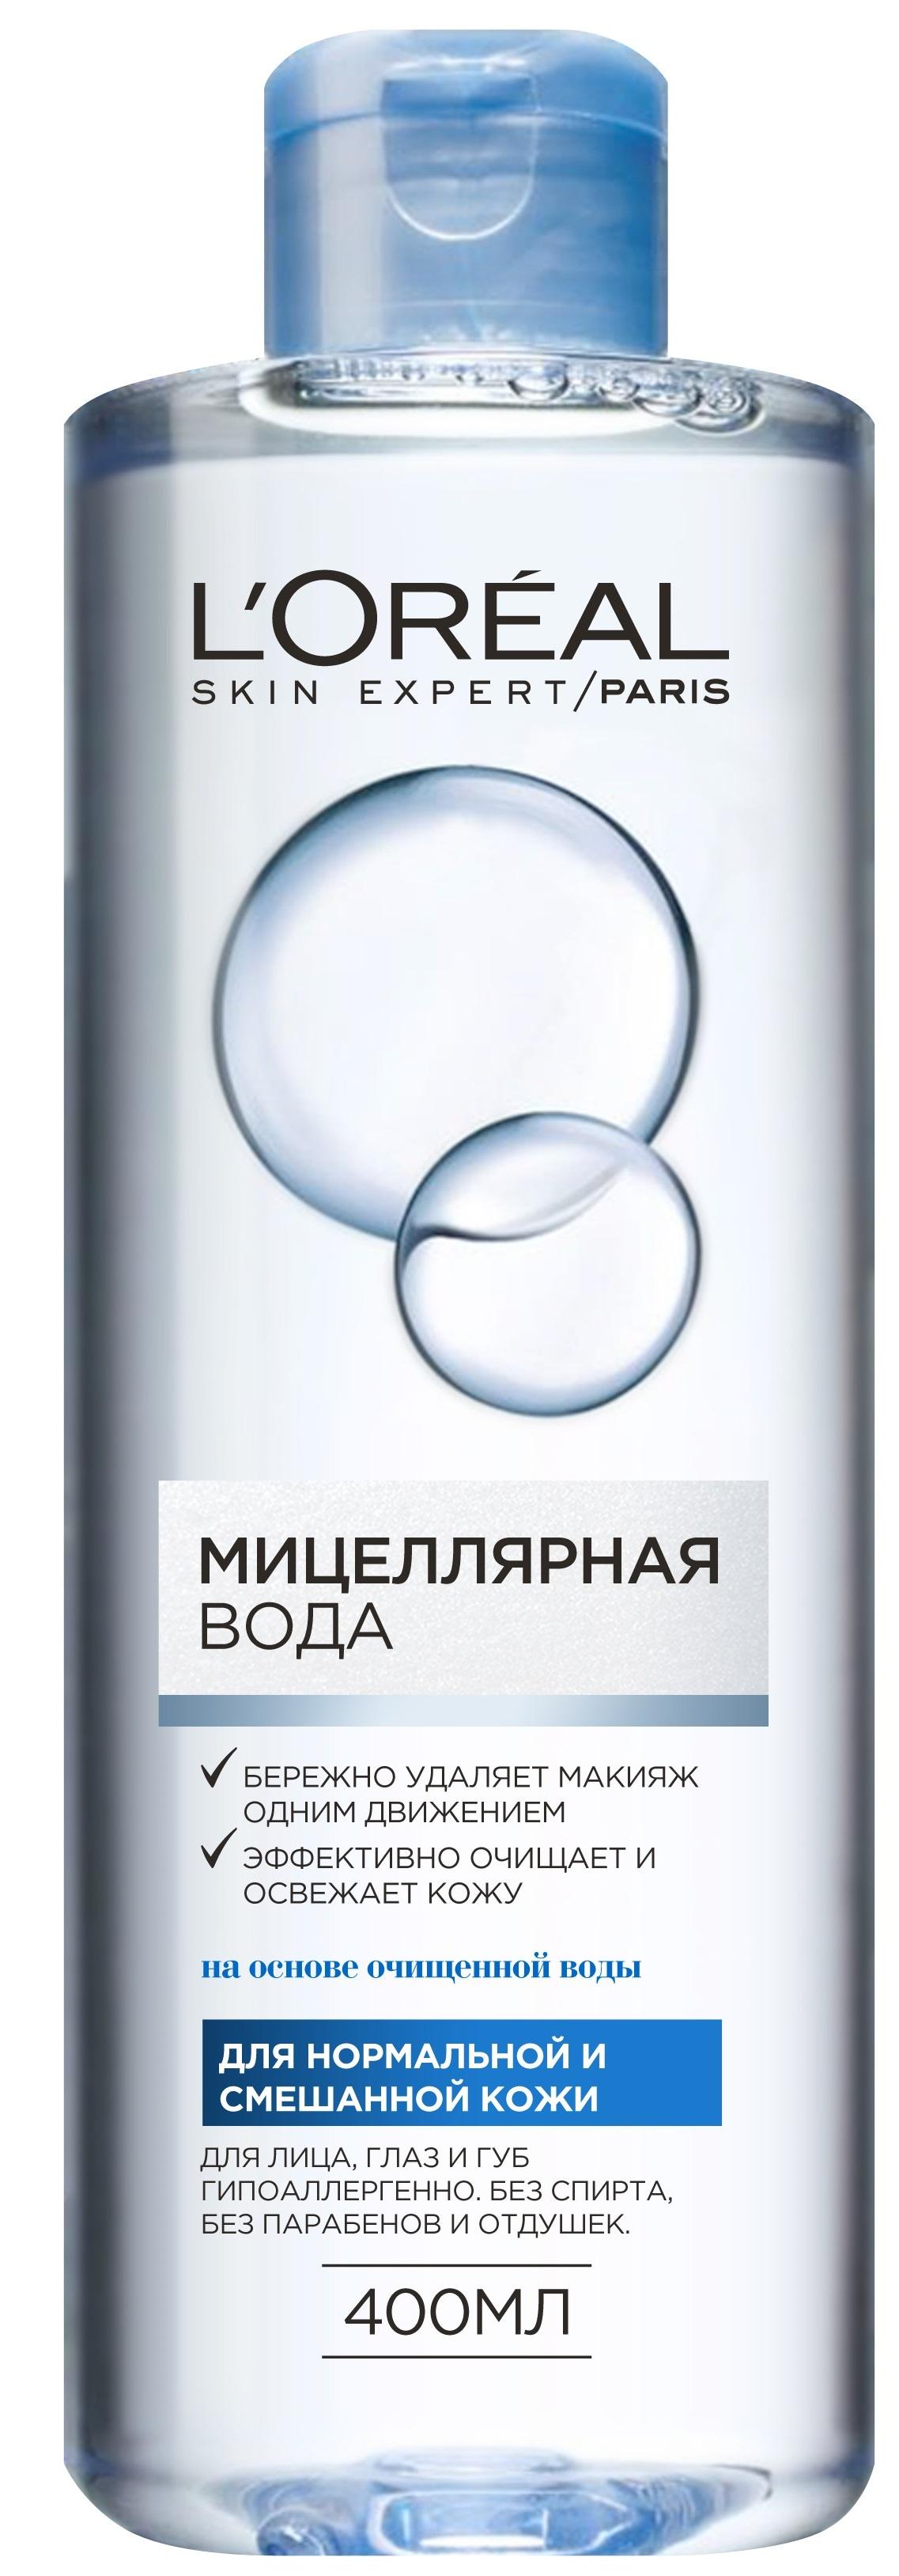 Мицеллярная вода L\'Oreal Paris для нормальной и смешаной кожи 400мл